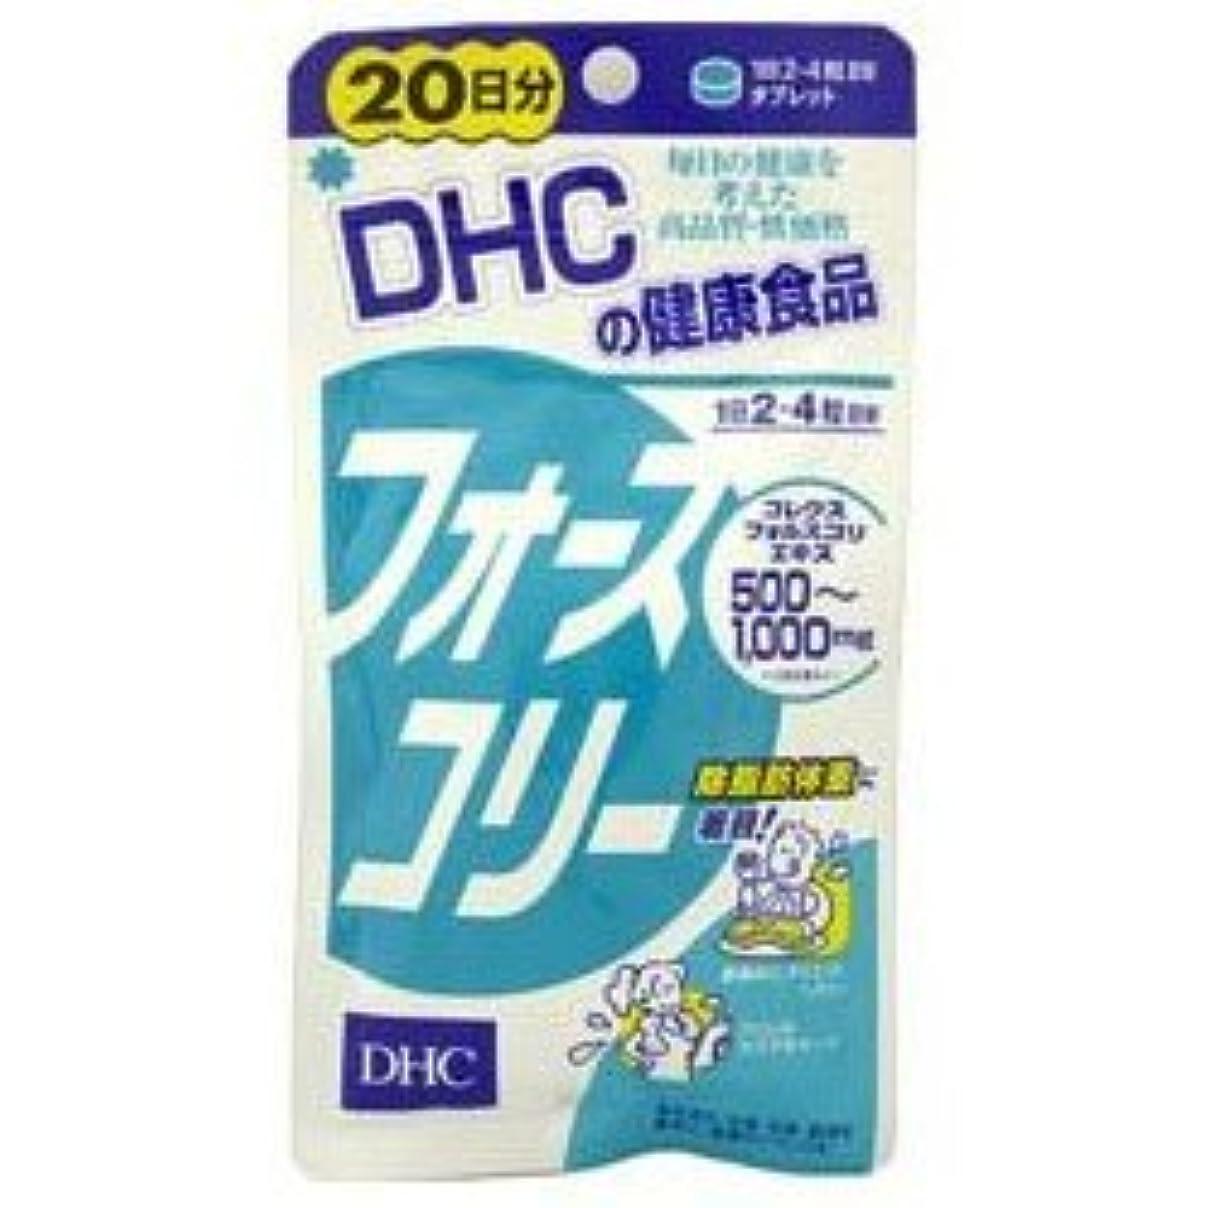 表現配管蒸留【DHC】フォースコリー 20日分 (32.4g) ×20個セット